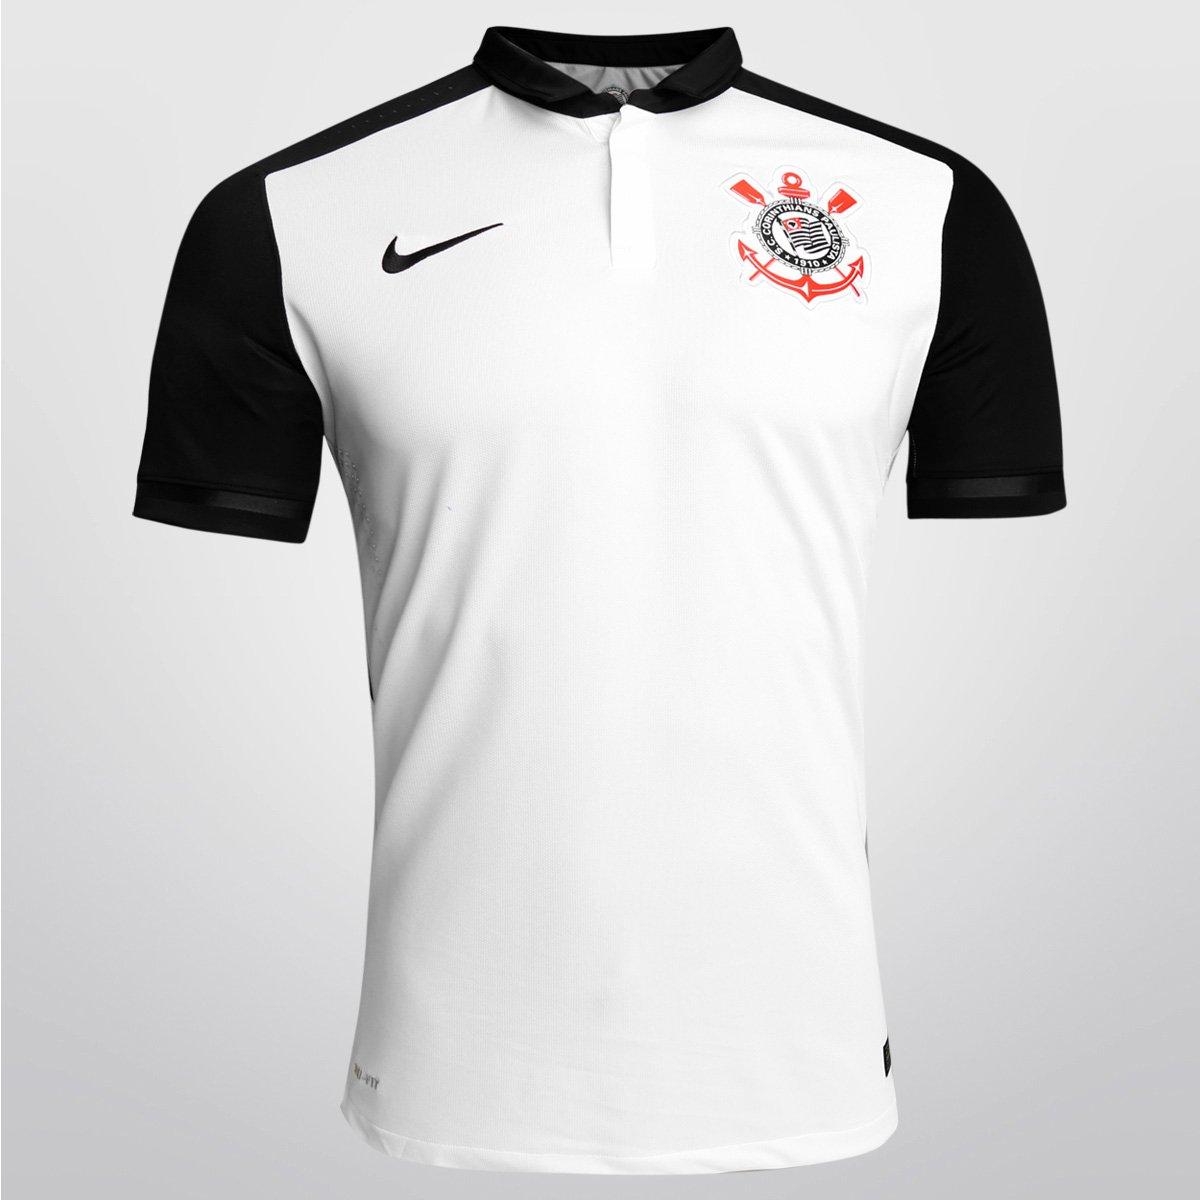 Camisa Nike Corinthians I 15 16 s nº - Jogador - Compre Agora  7a8a212d9d0ca